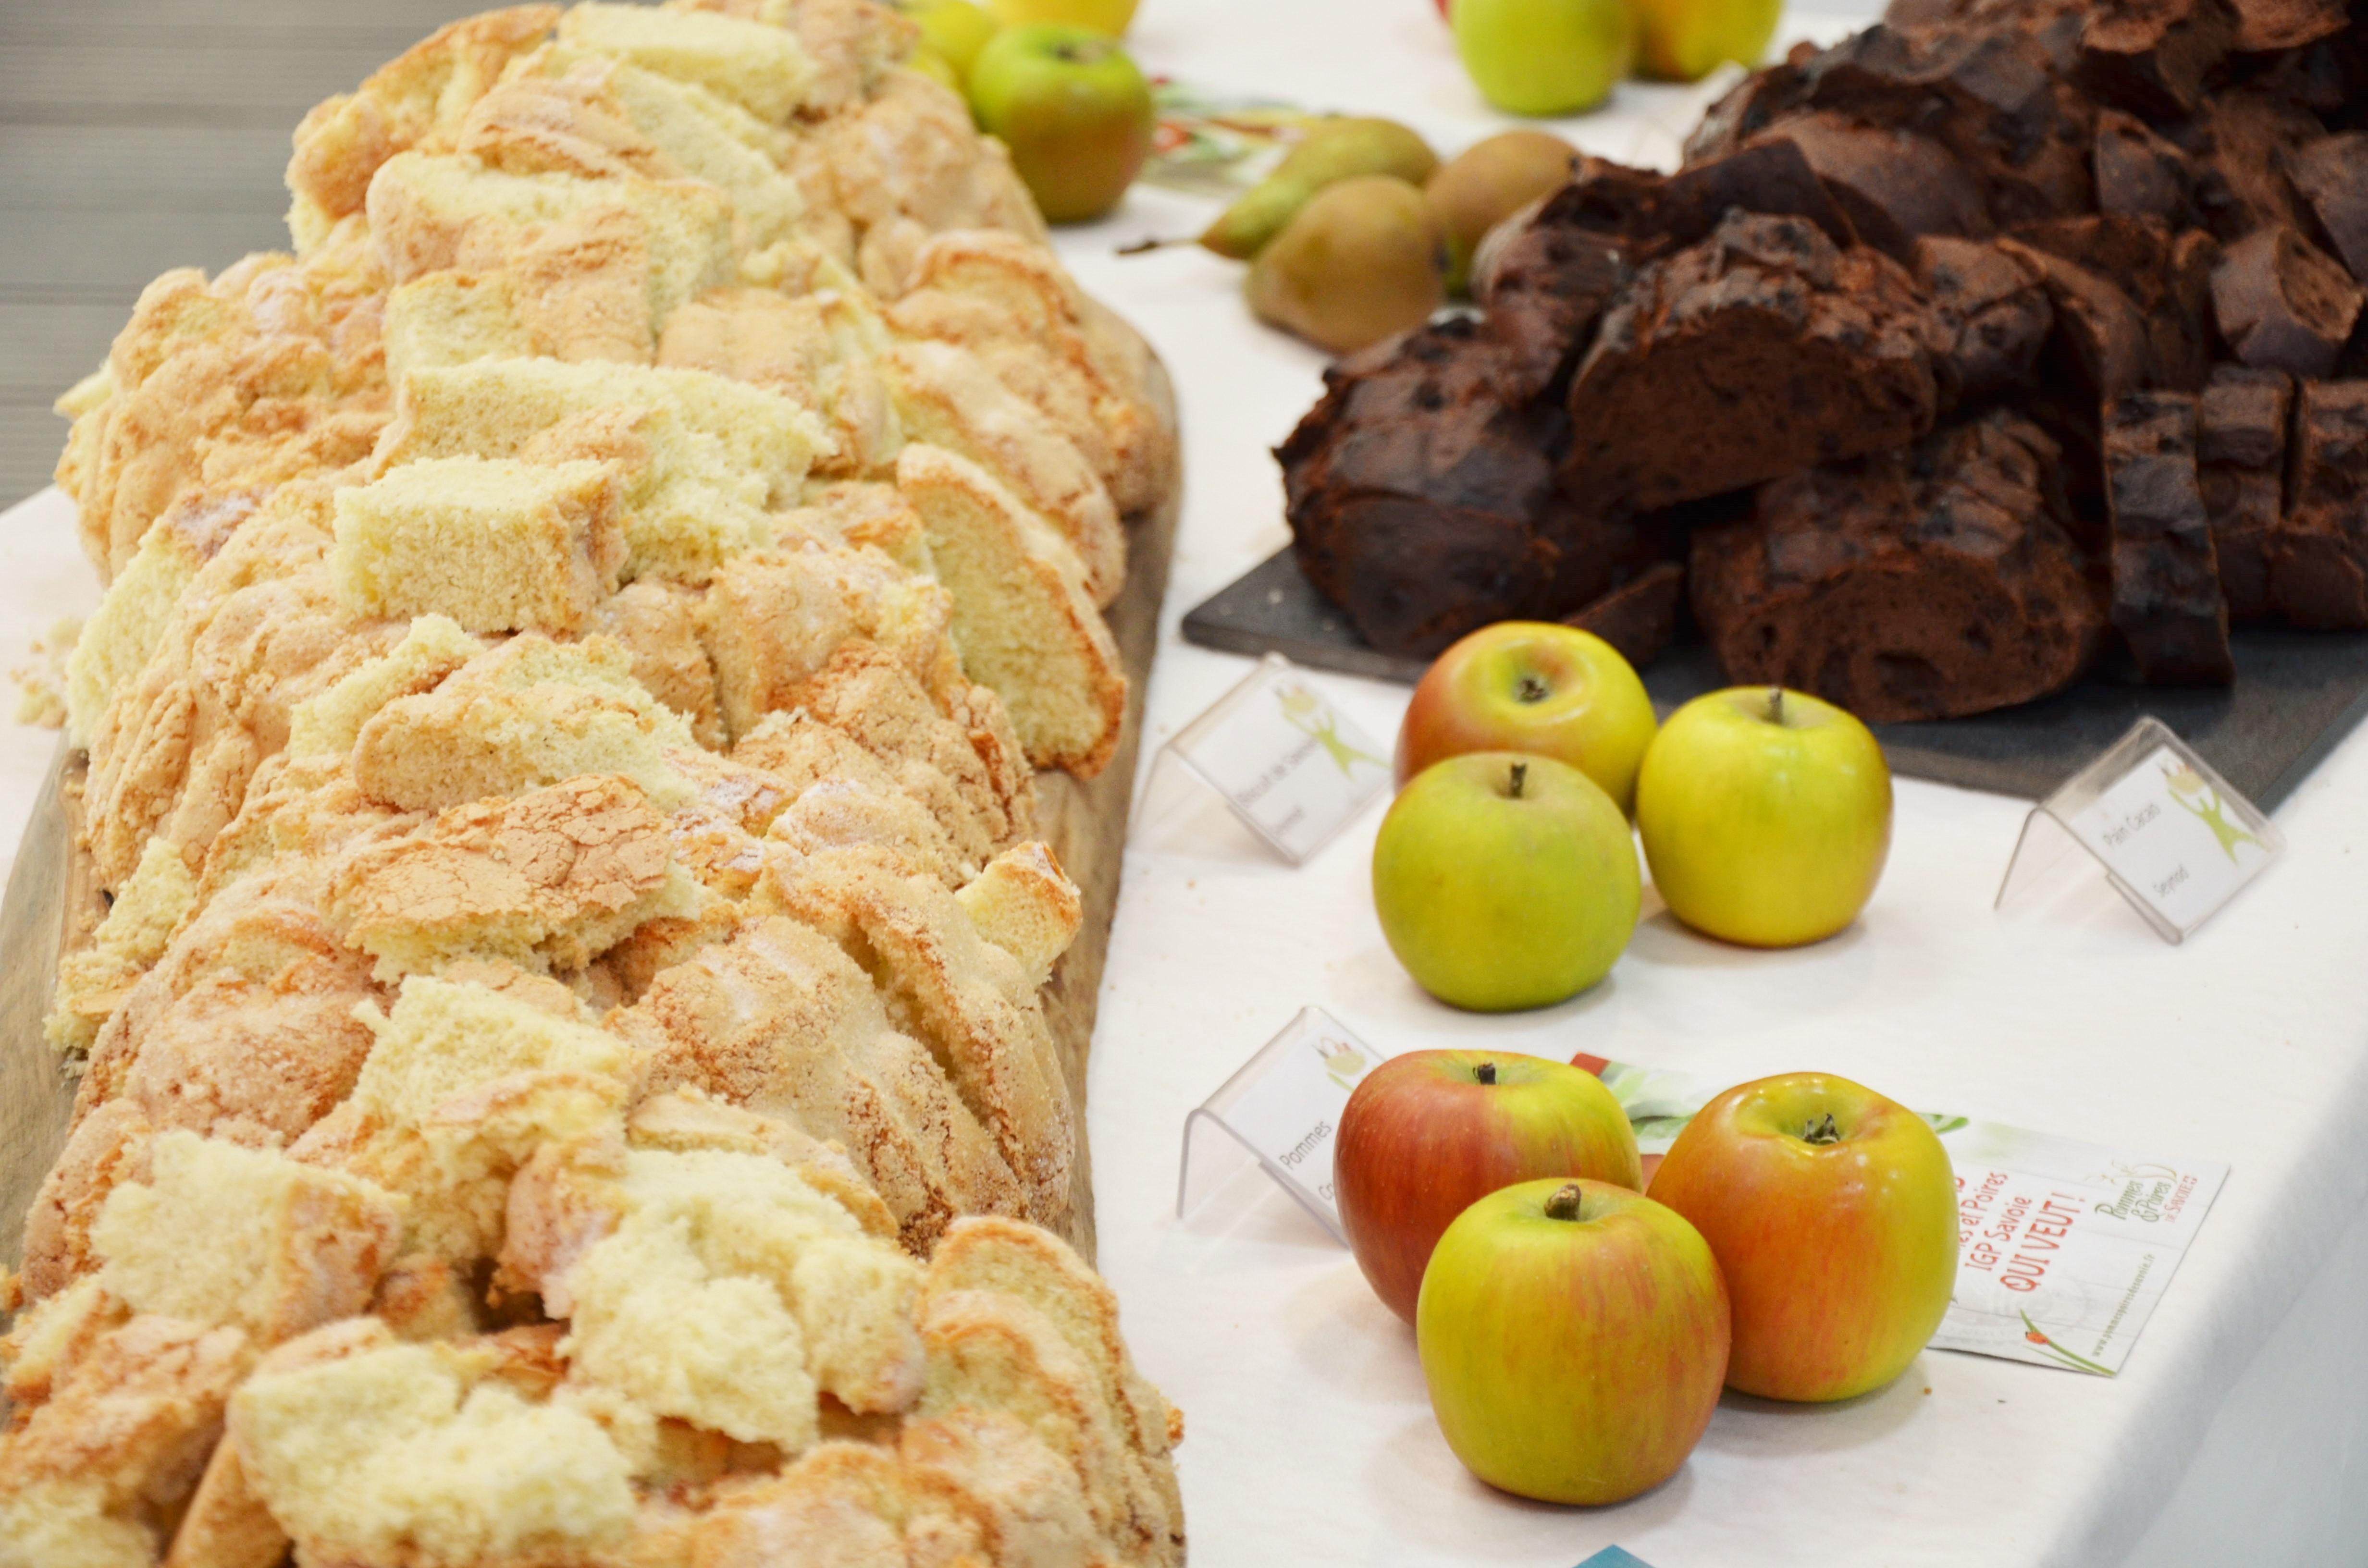 table-biscuit-de-savoie-pommes-et-pain-brun